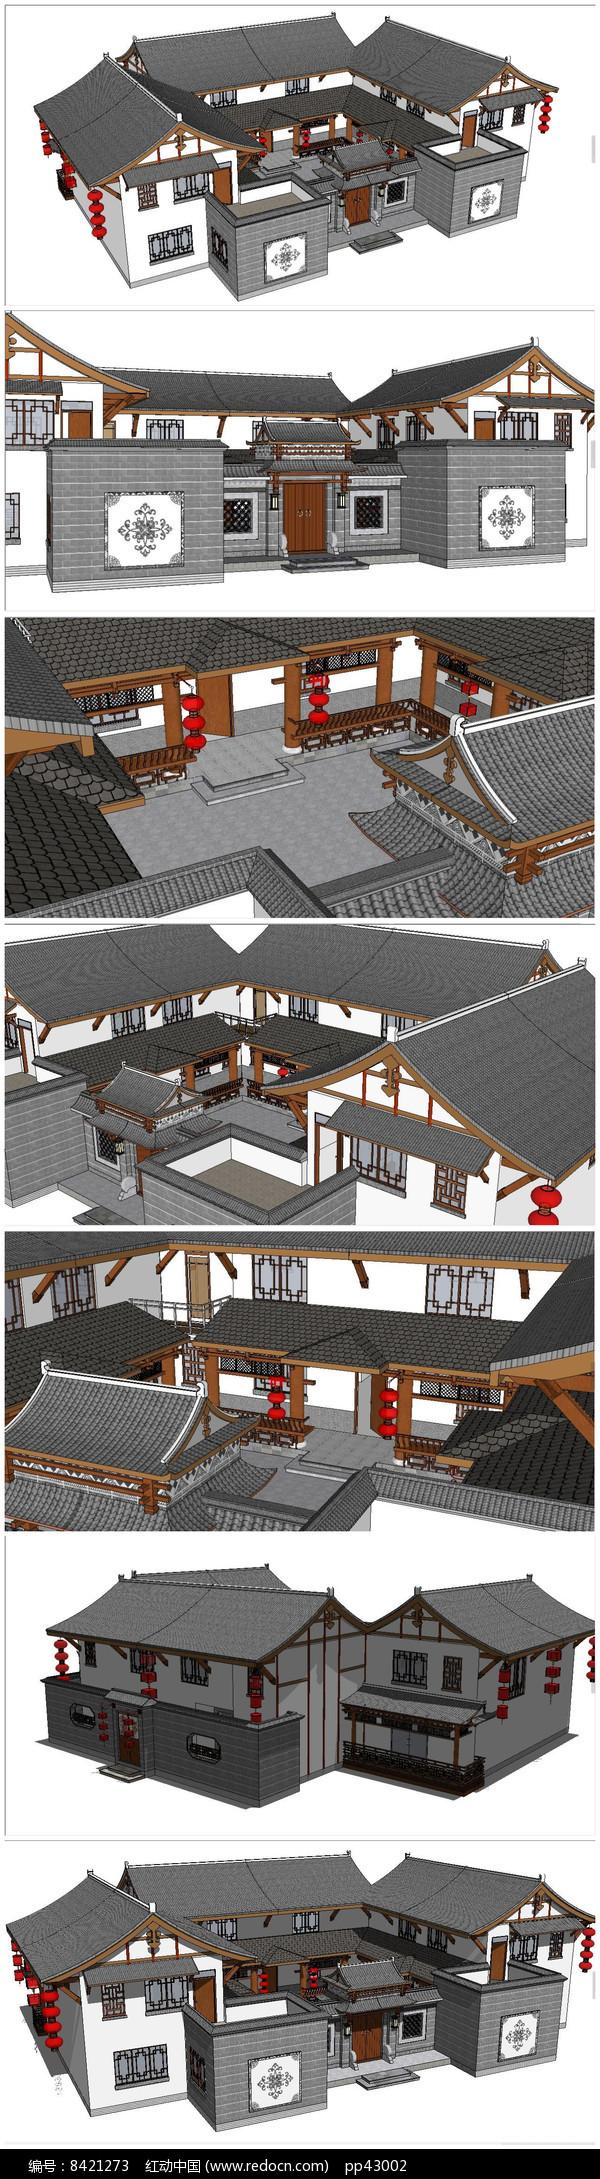 中式民居四合院SU模型图片